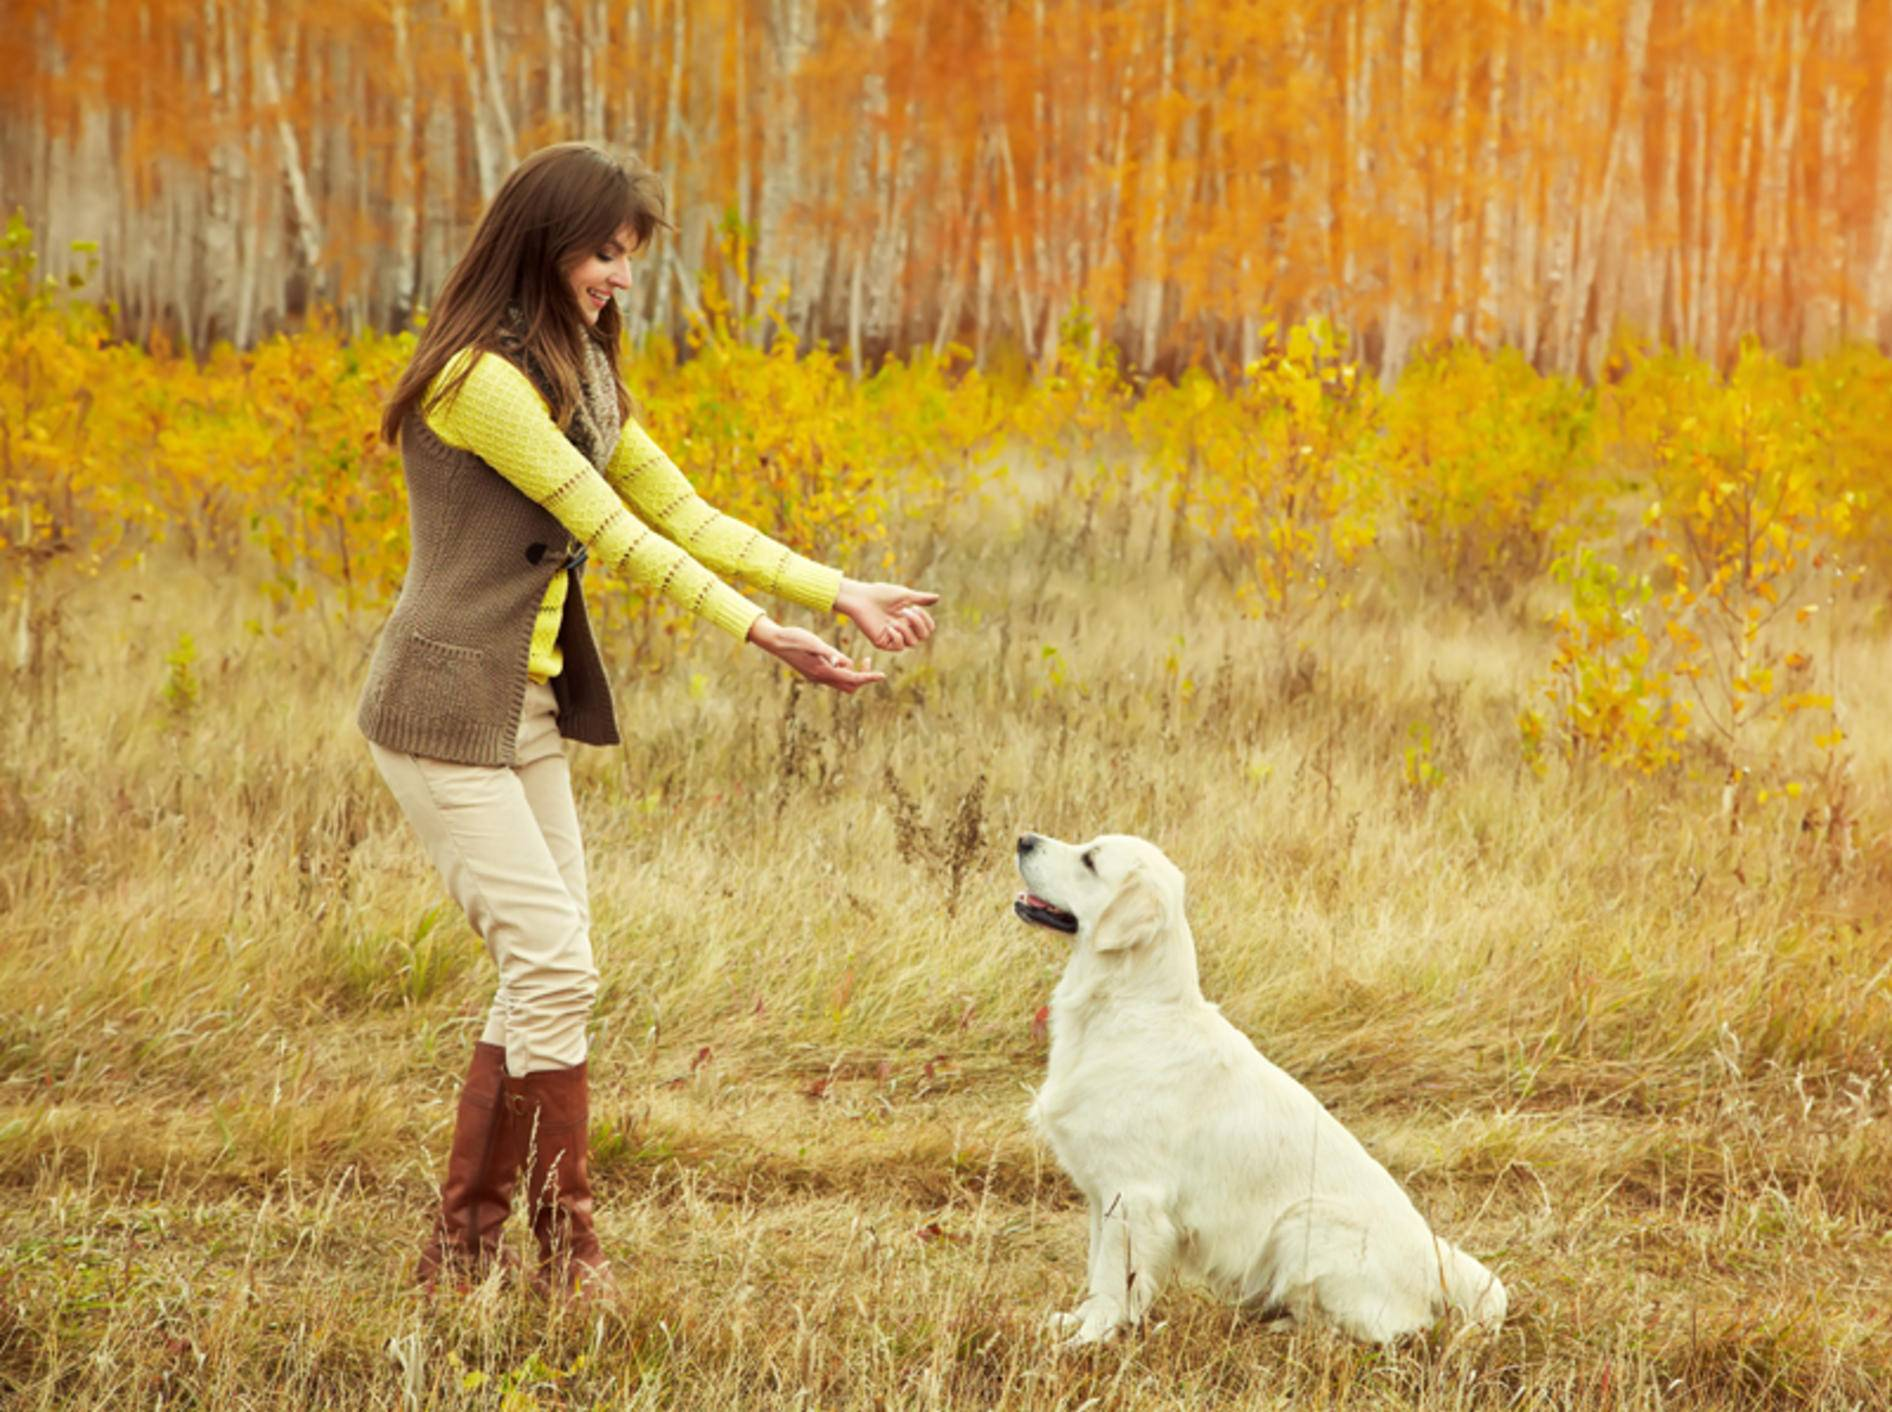 Das Freilauftraining mit dem Hund ist eine Frage des Vertrauens – Shutterstock / Evgeny Bakharev